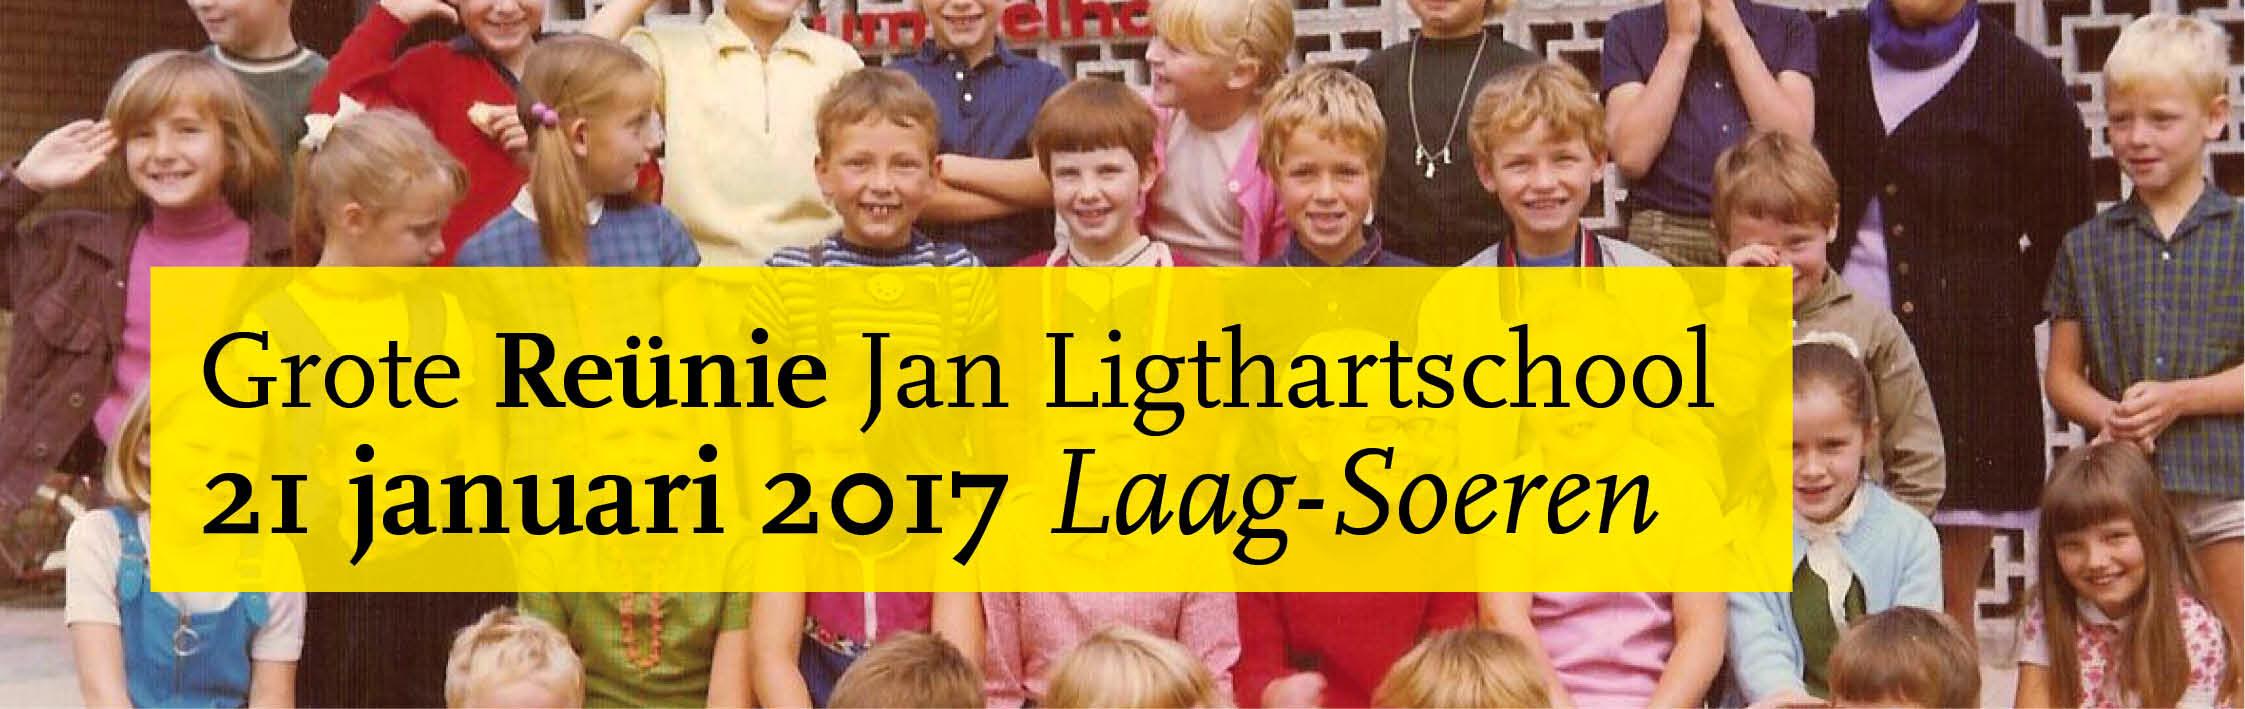 Reünie Jan Ligthartschool Laag-Soeren